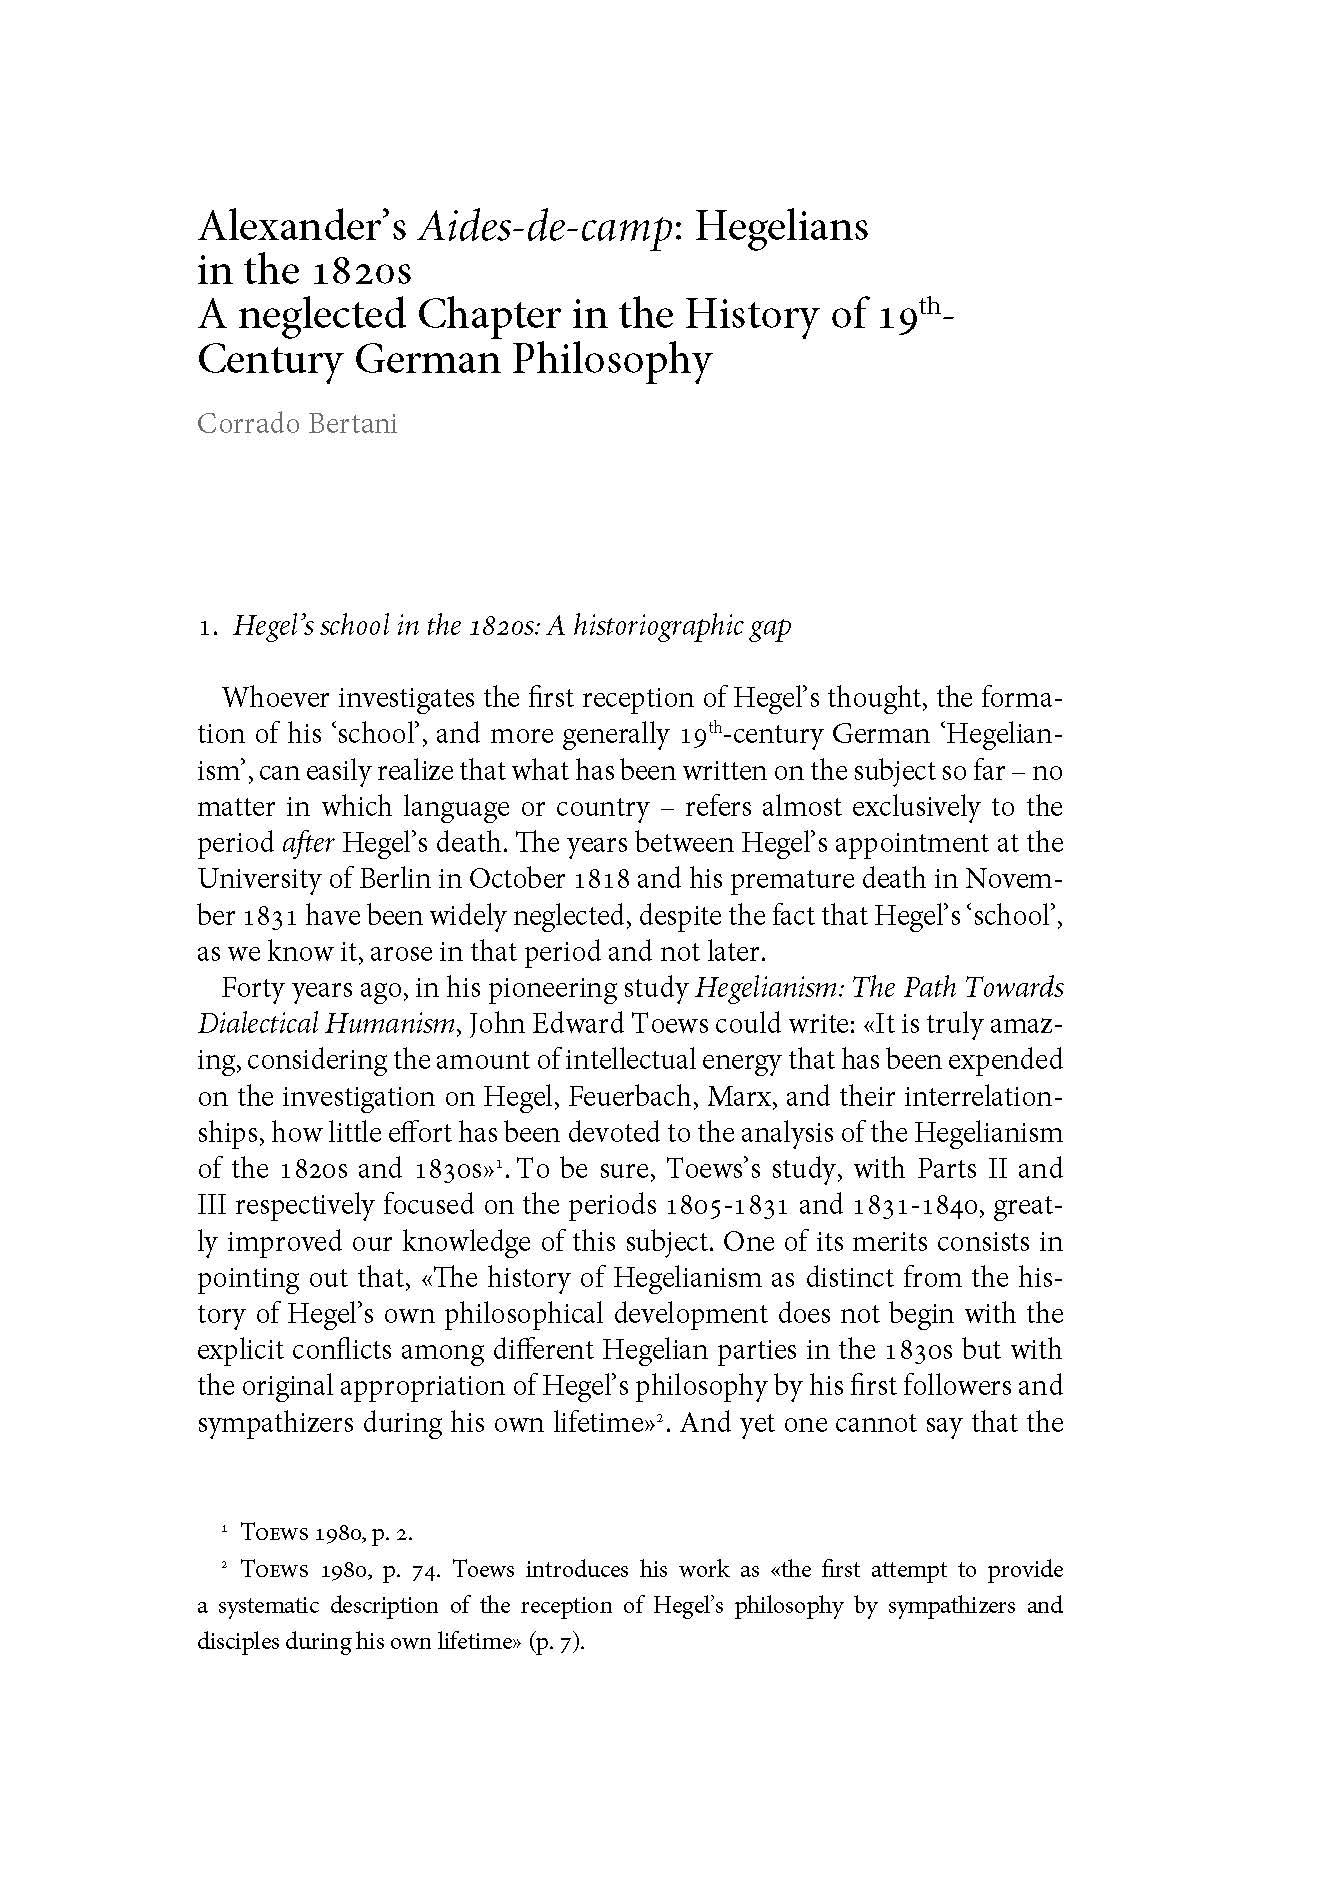 Alexander's Aides-de-Camp: Hegelians in the 1820s.